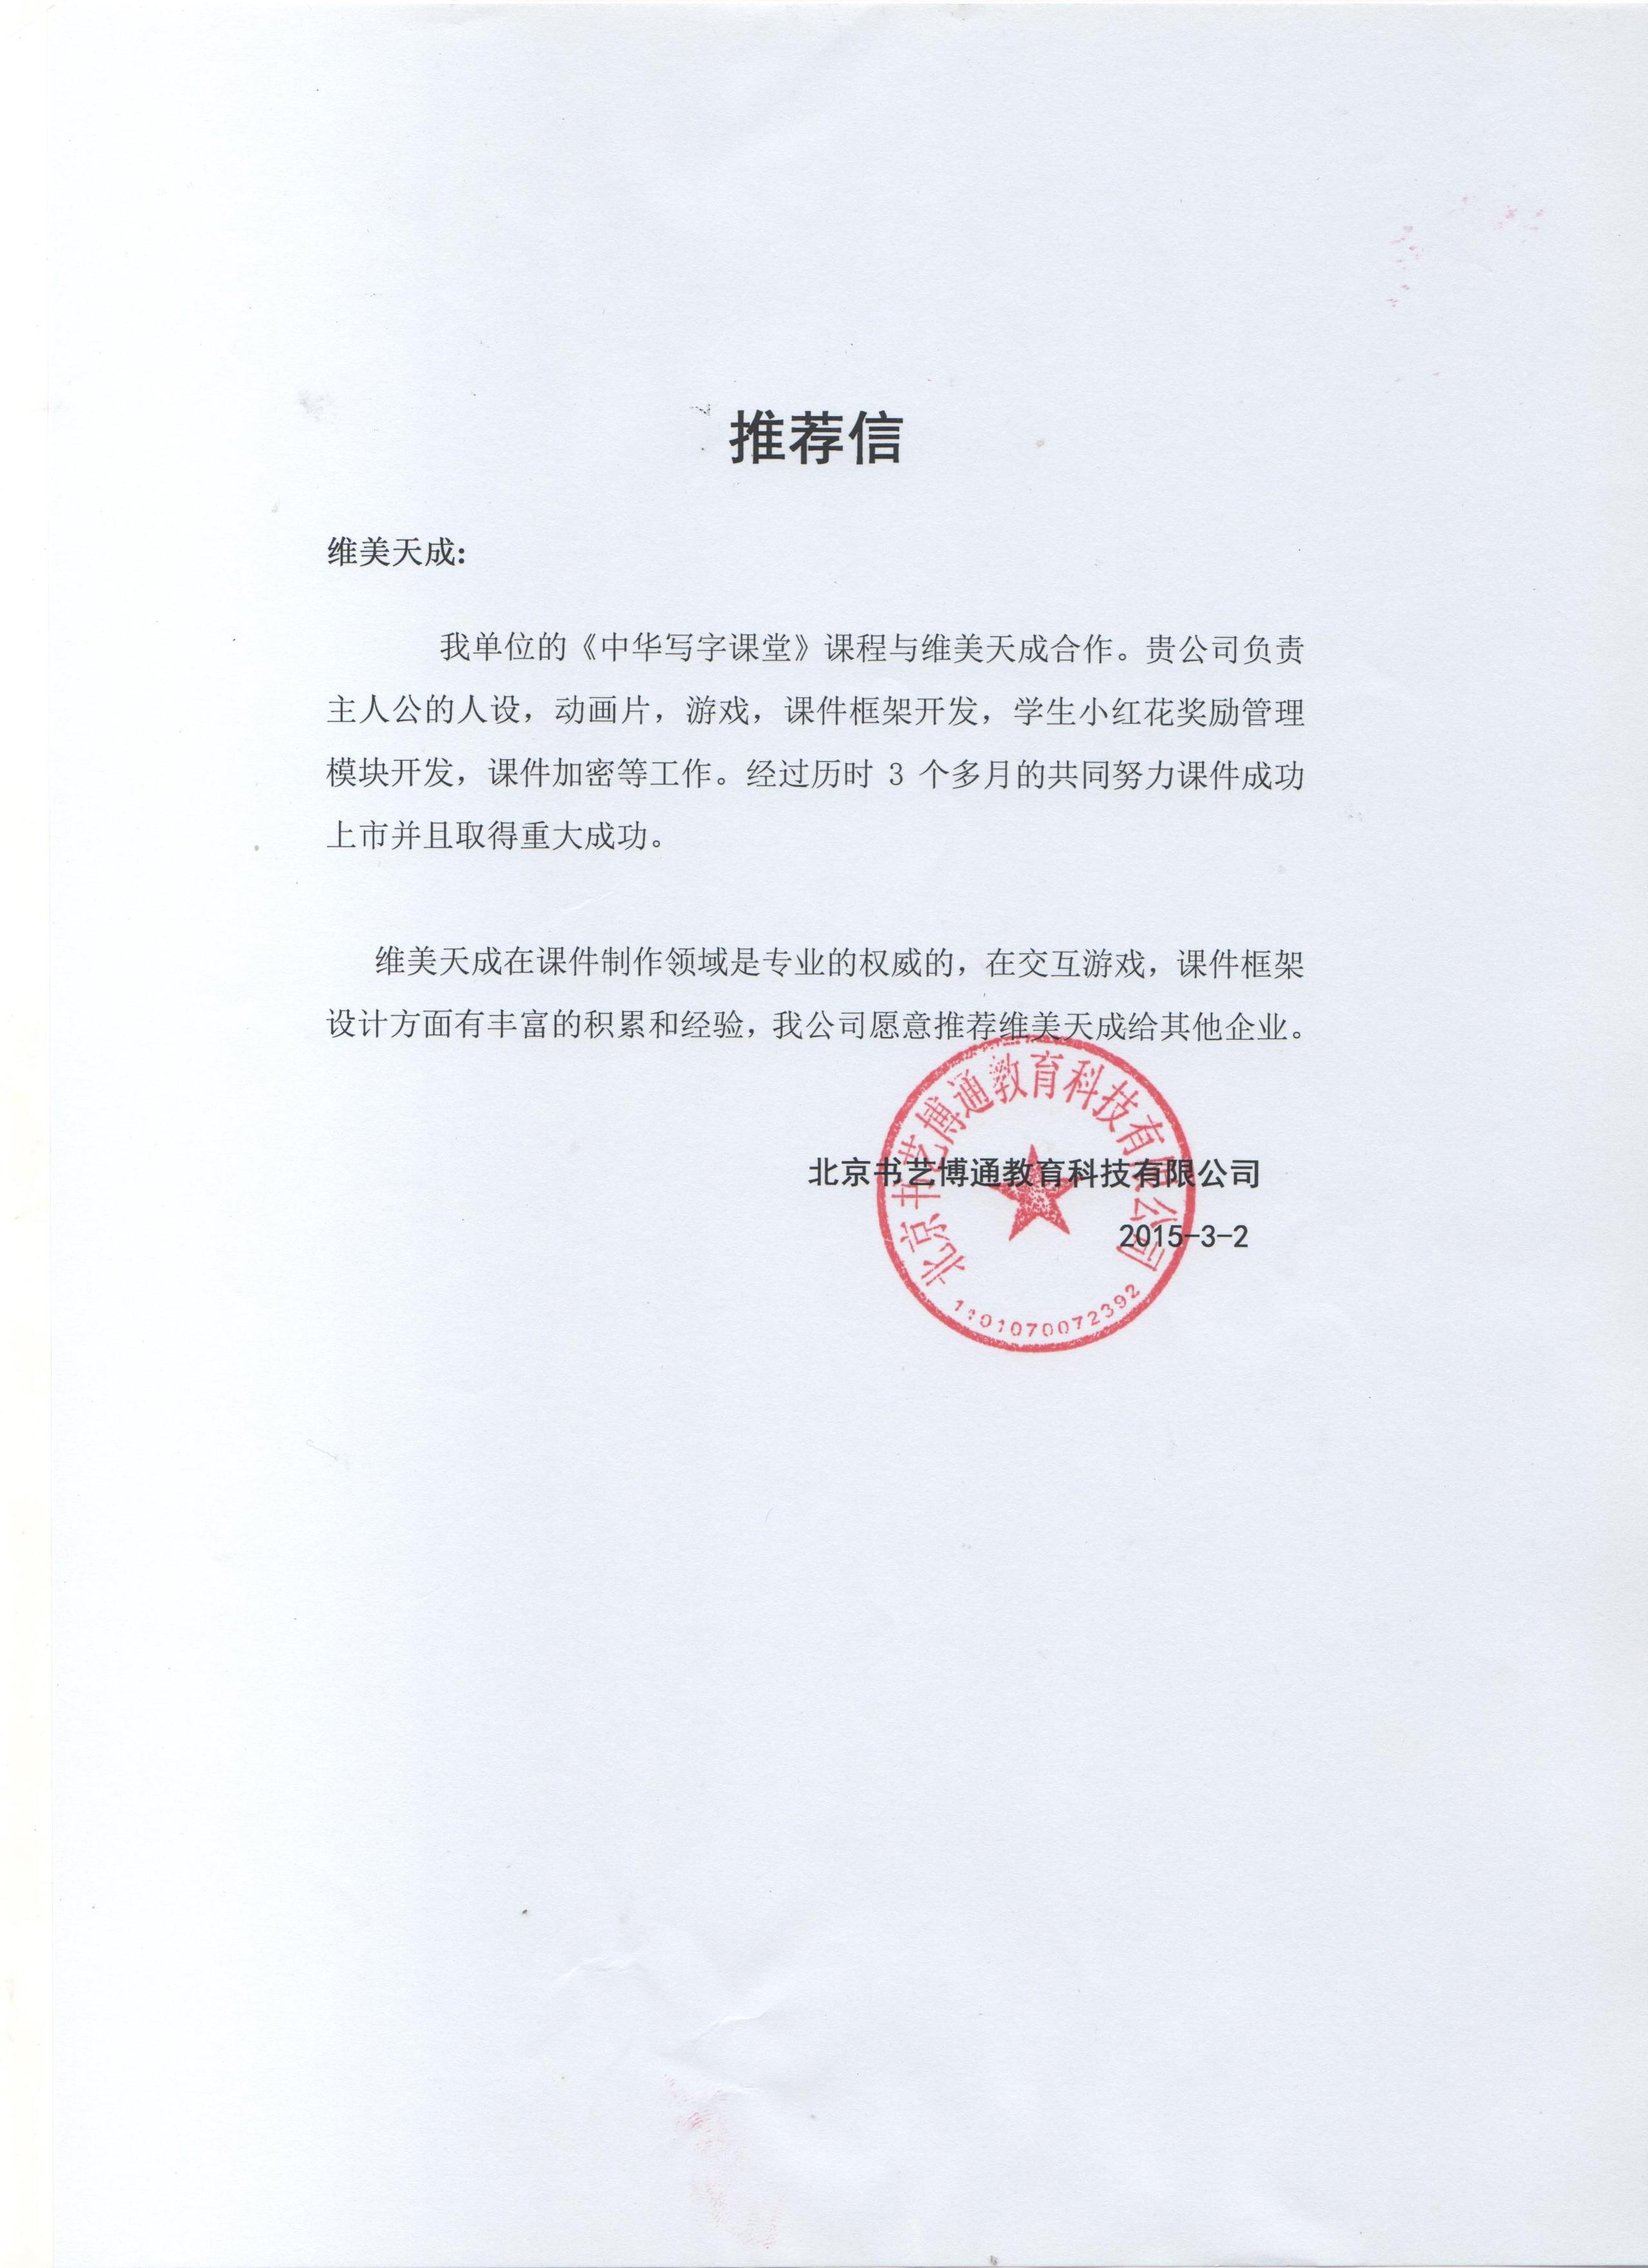 中华写字课堂推荐信